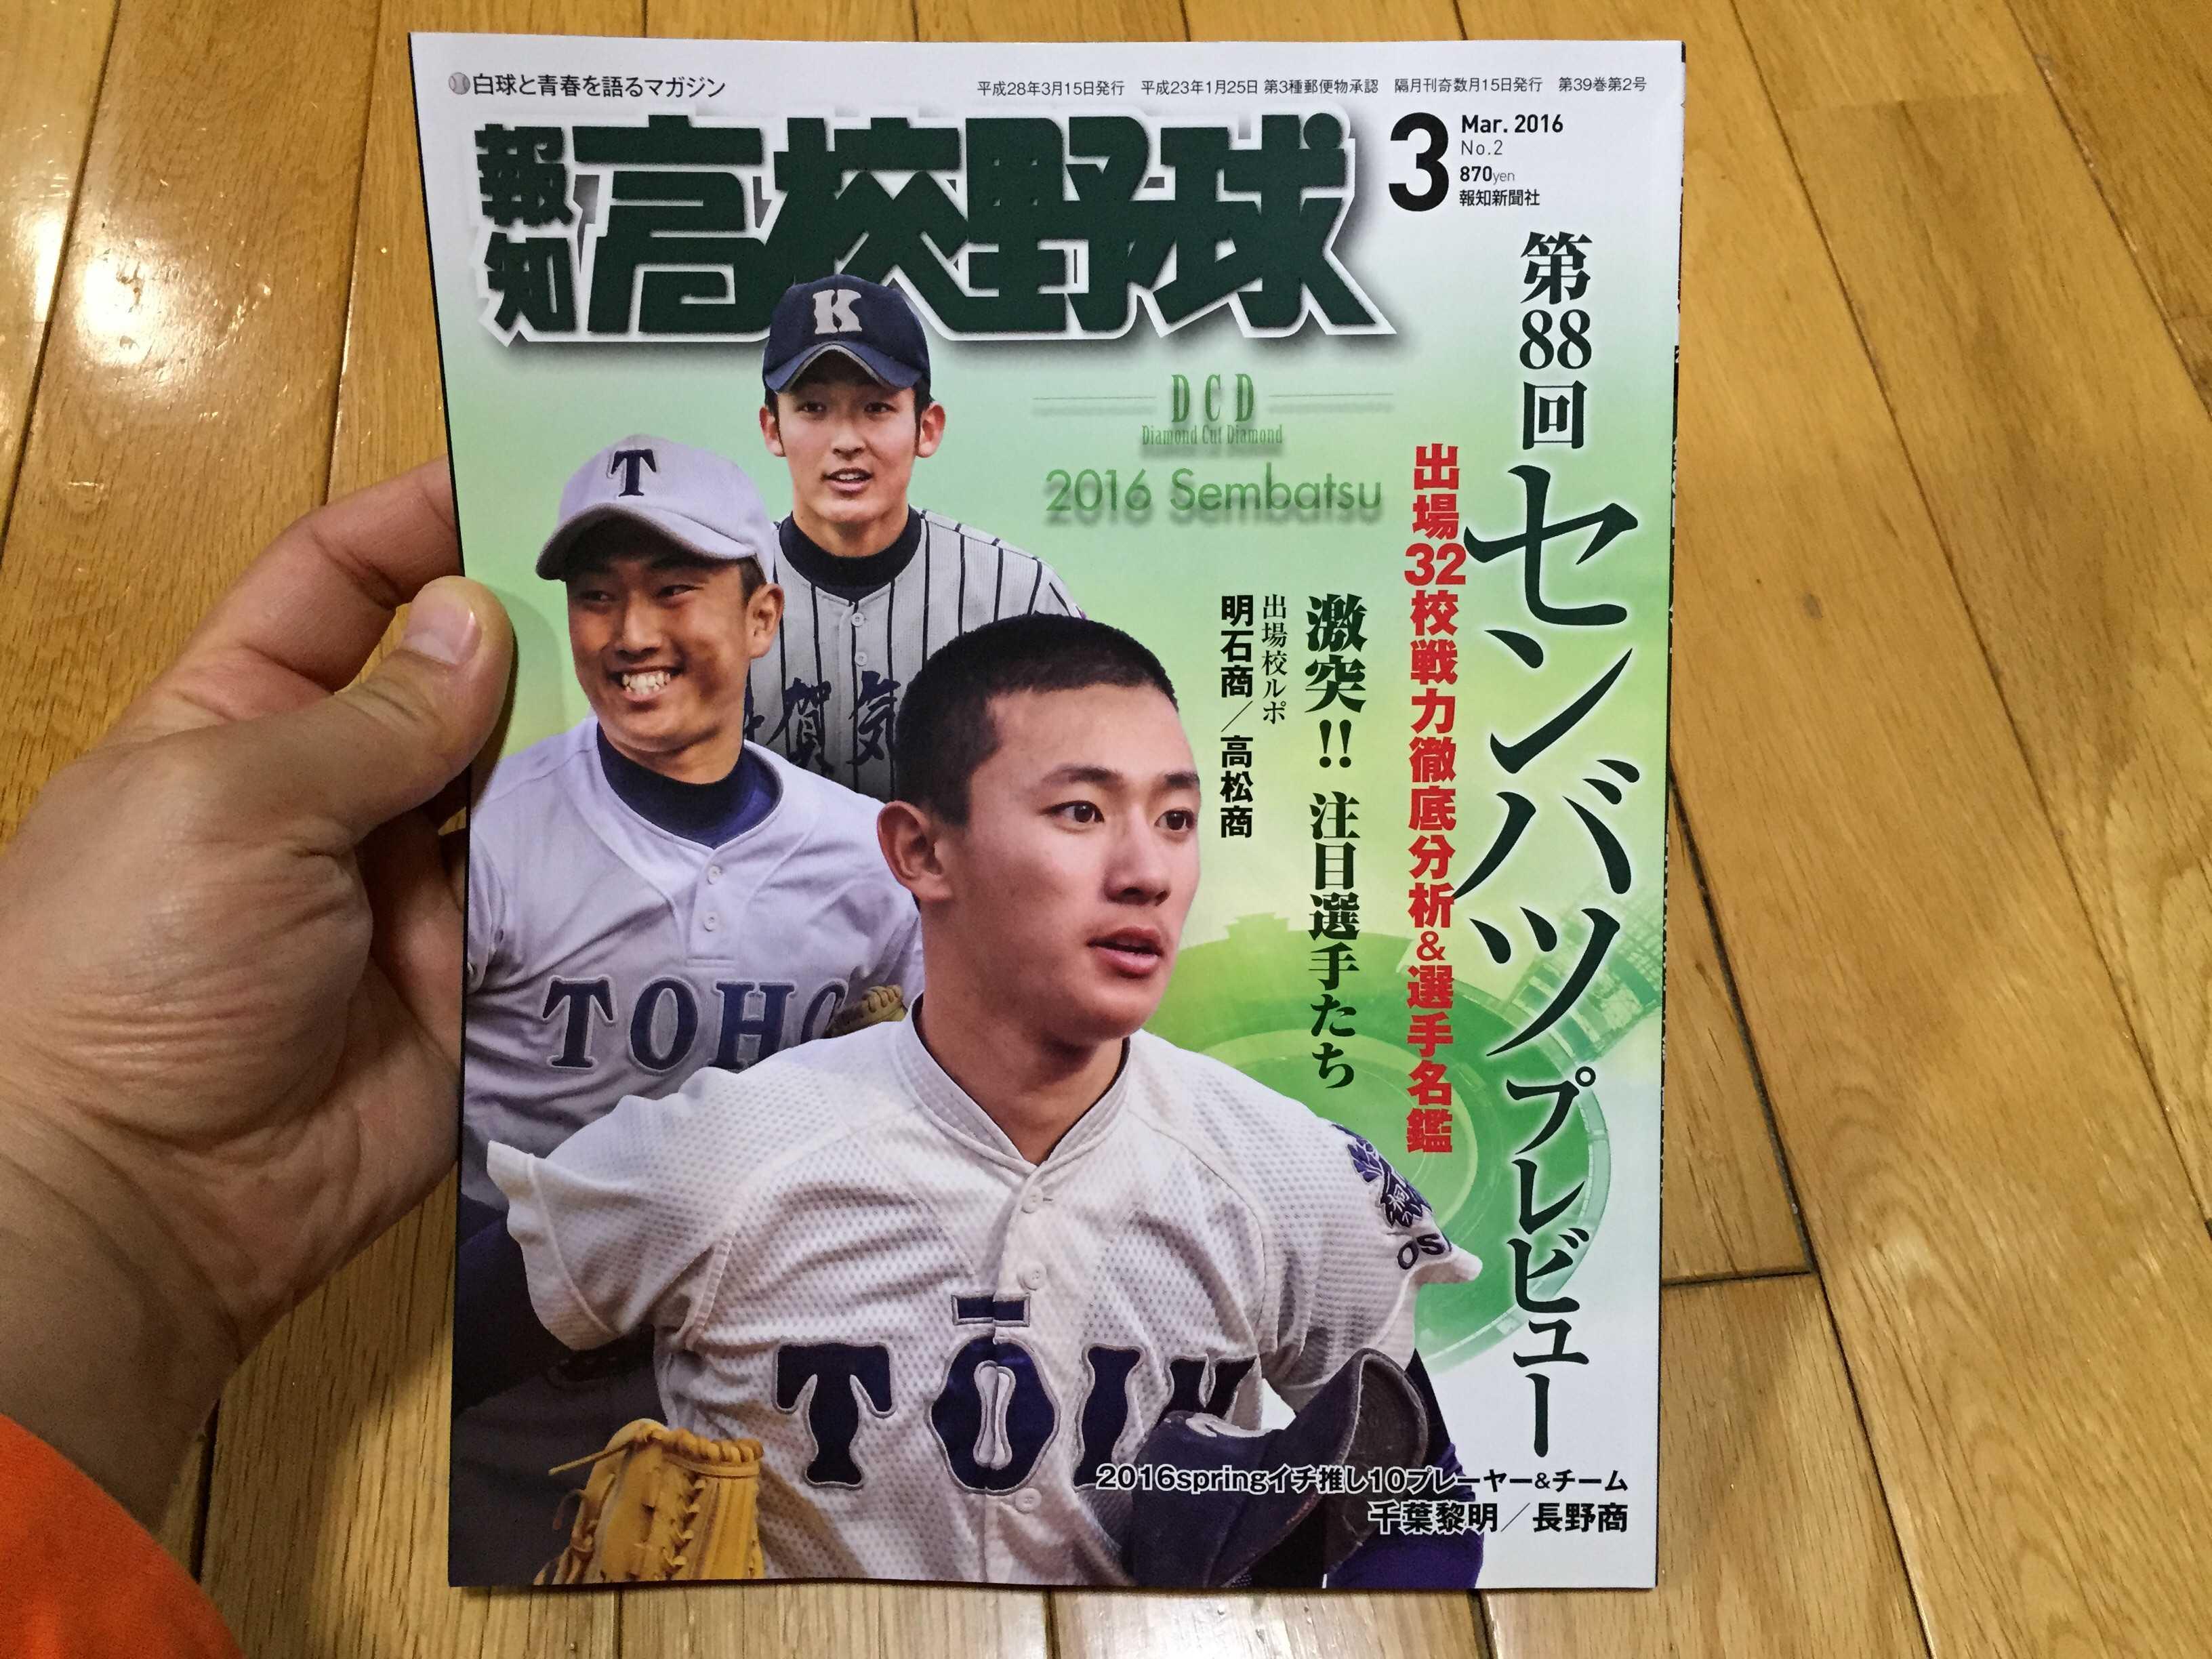 報知高校野球 2016年3月号 - 第88回センバツプレビュー号